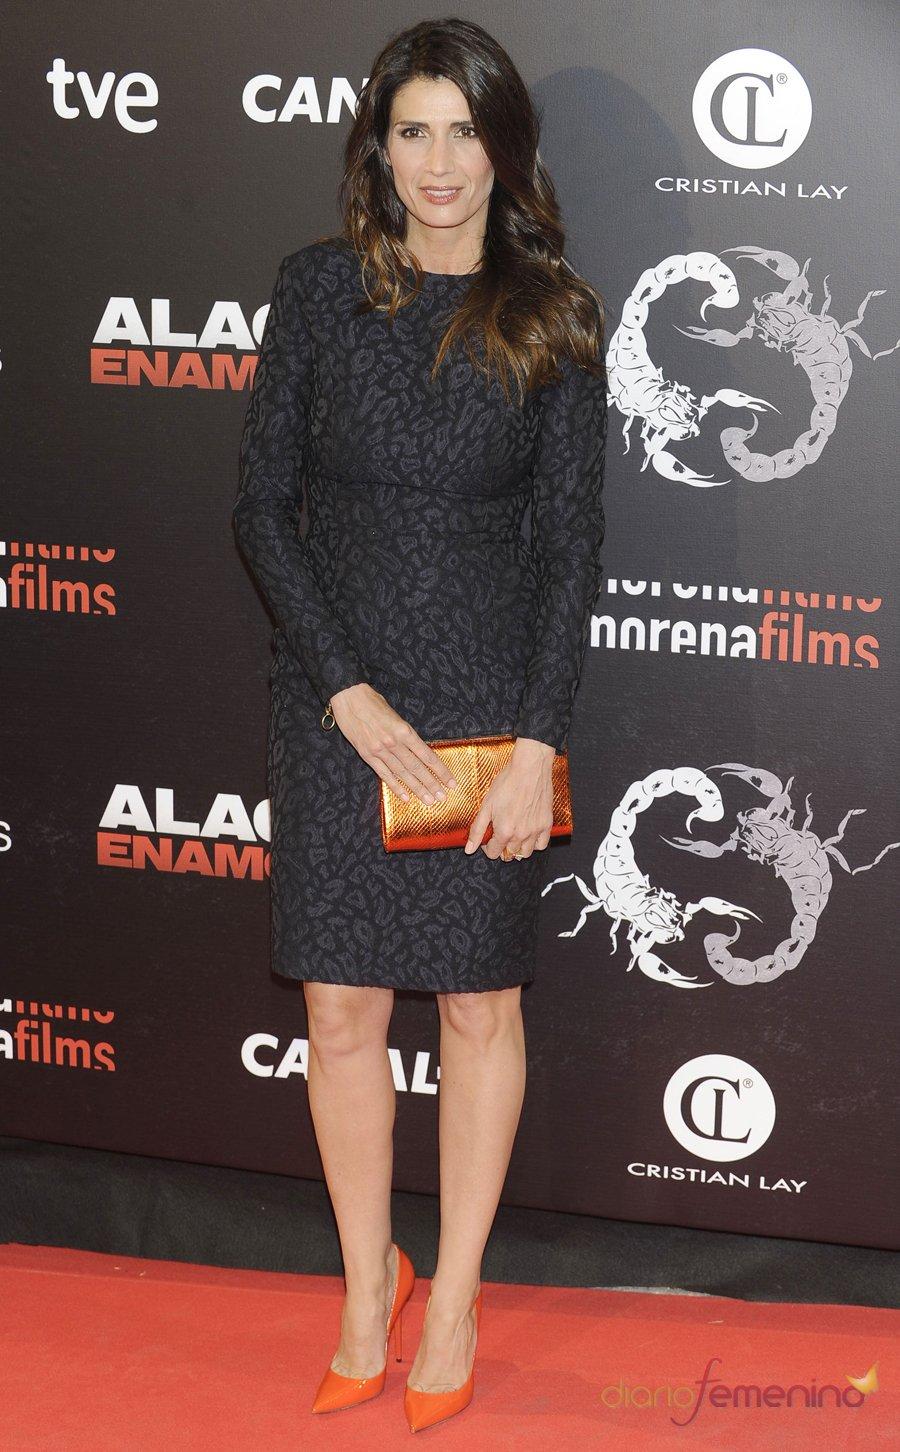 El look de Elia Galera en la premiere de 'Alacrán enamorado'